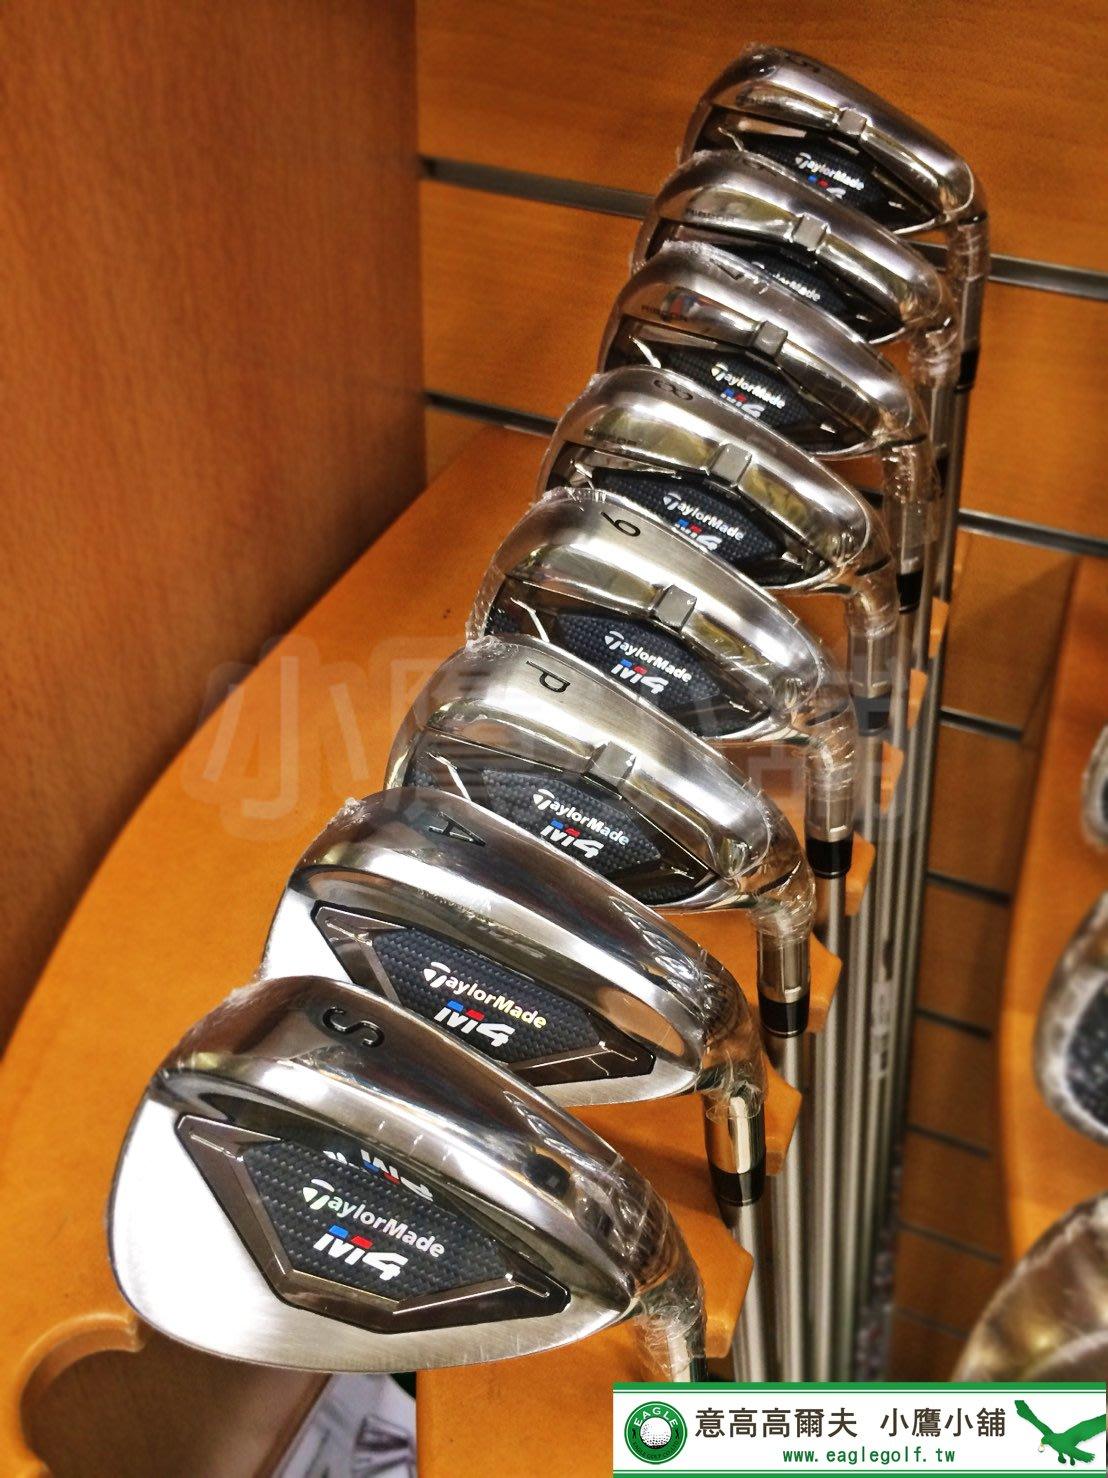 [小鷹小舖] TaylorMade Women's M4 Irons 高爾夫 女仕 鐵桿組 高反彈 薄壁能量槽 共8支